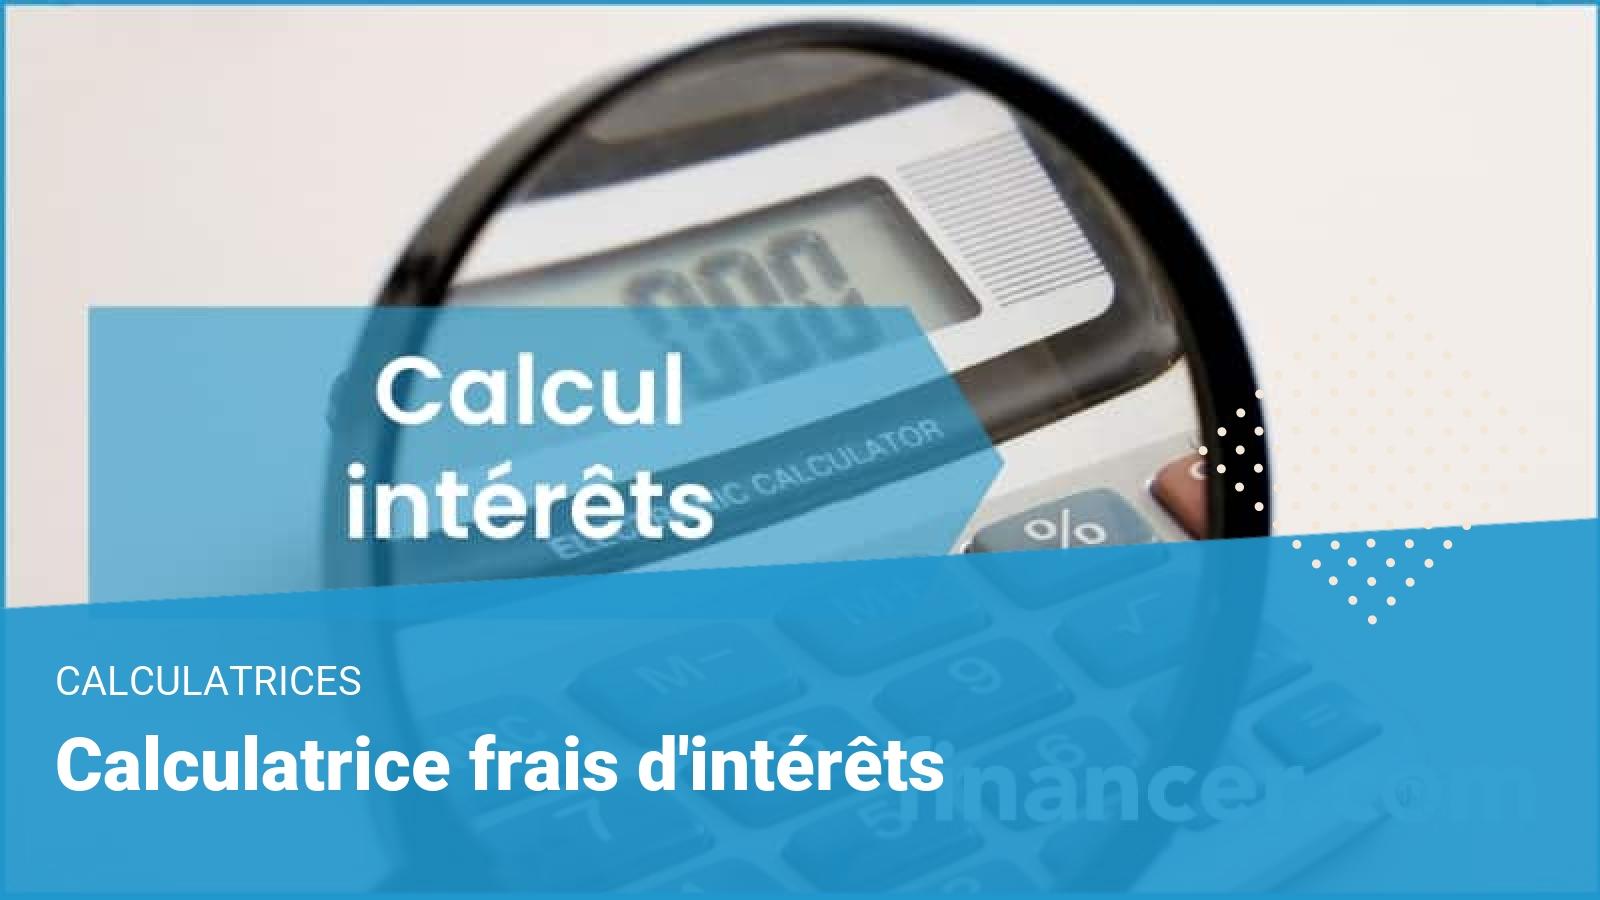 calcul interets